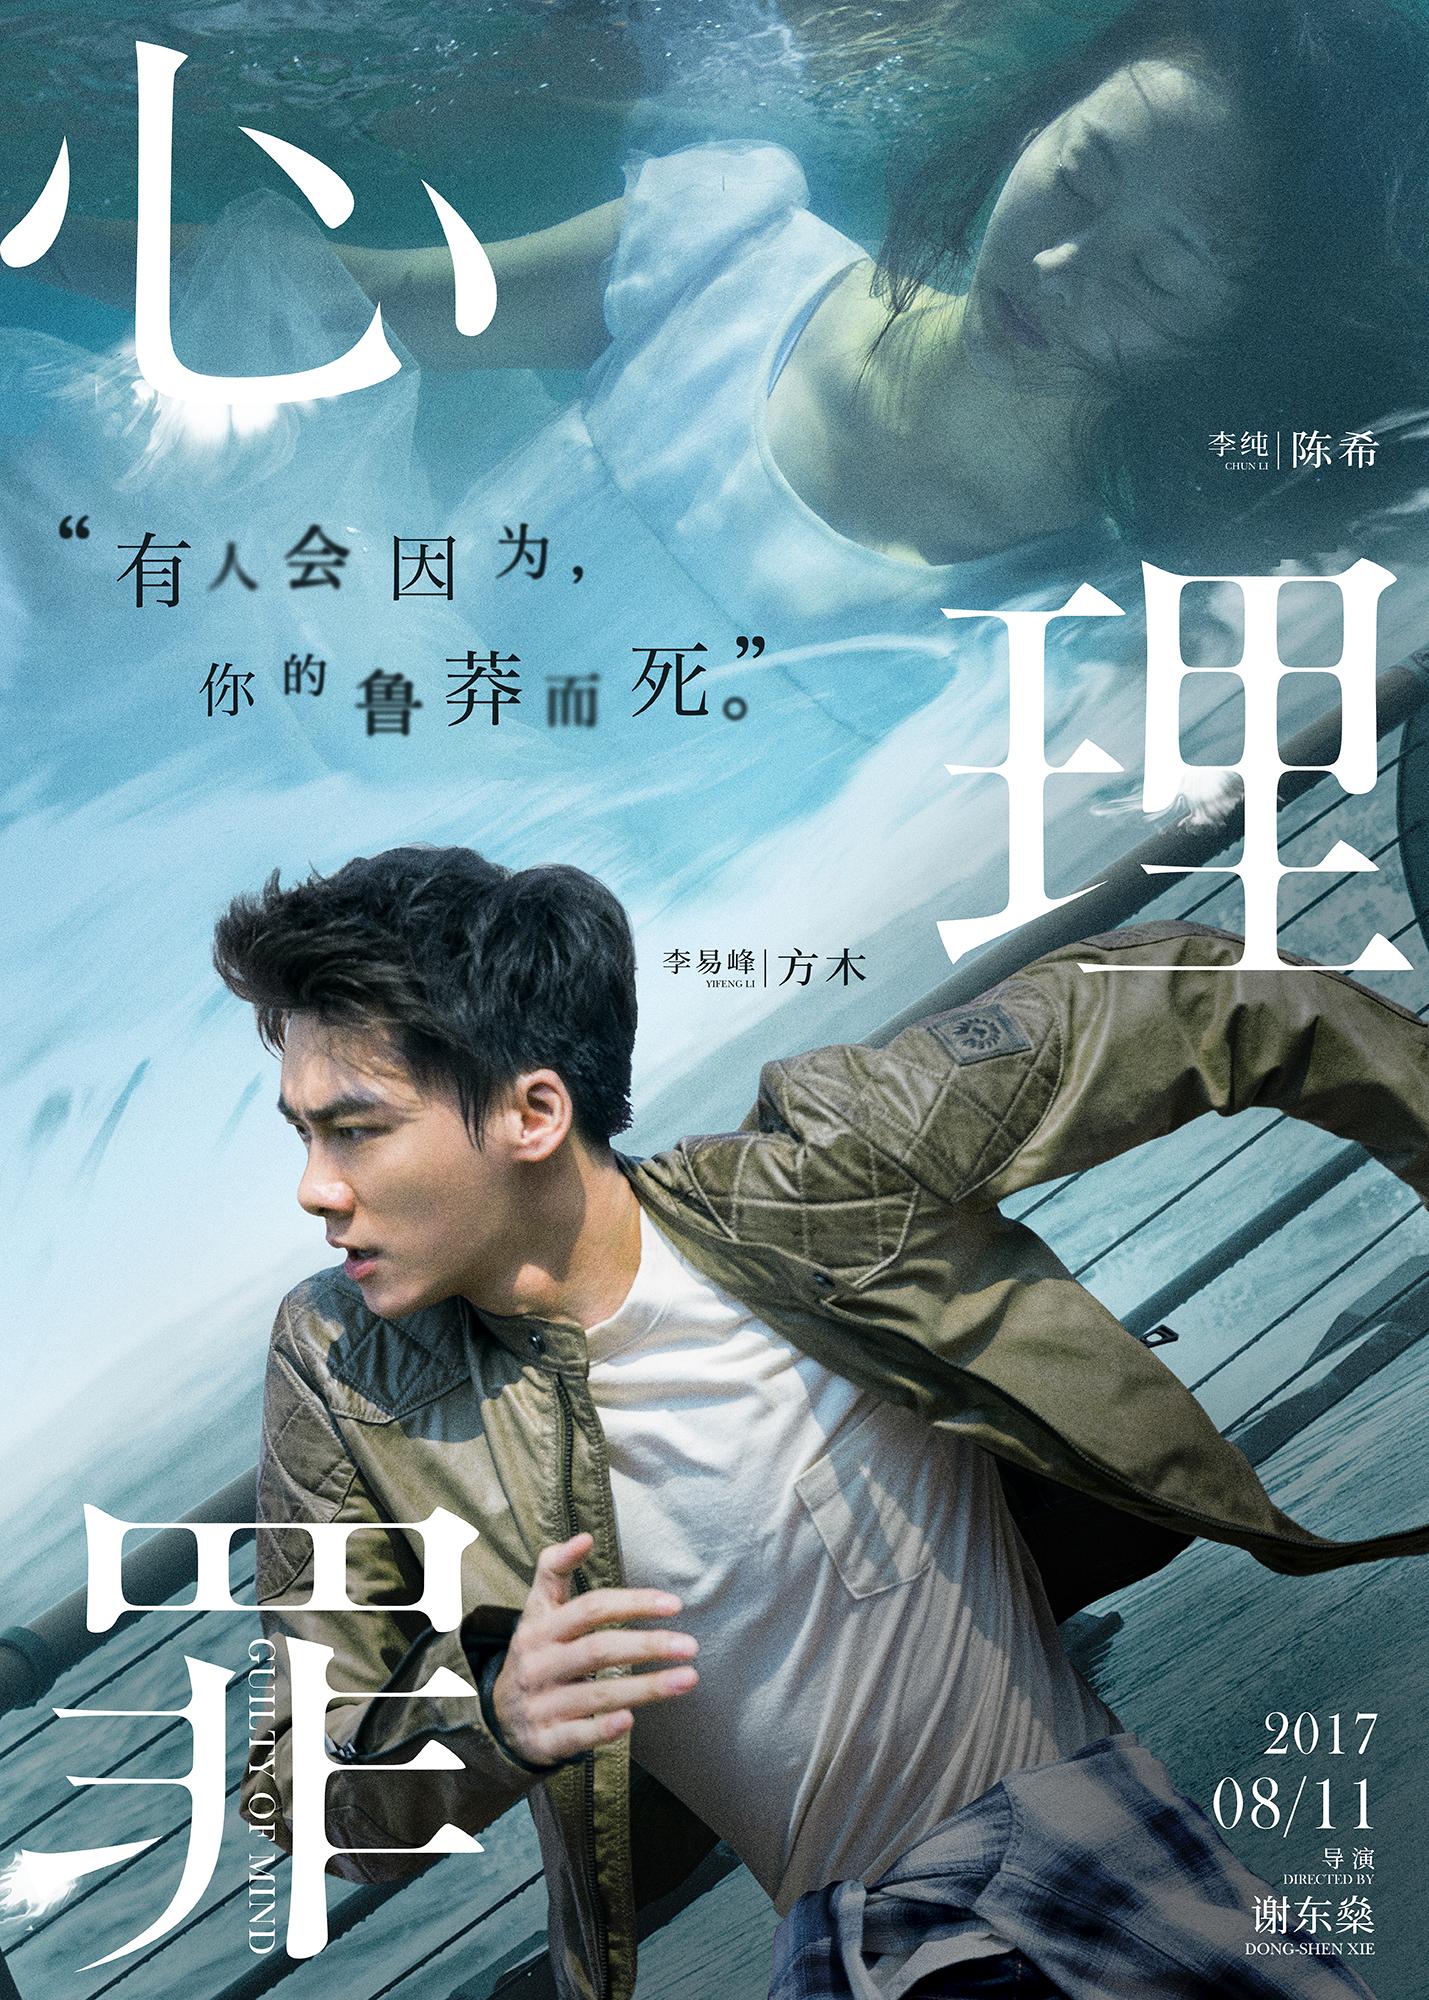 《心理罪》:李易峰凝视黑暗,迎接光明 - 狐狸·梦见乌鸦 - 埋骨之地